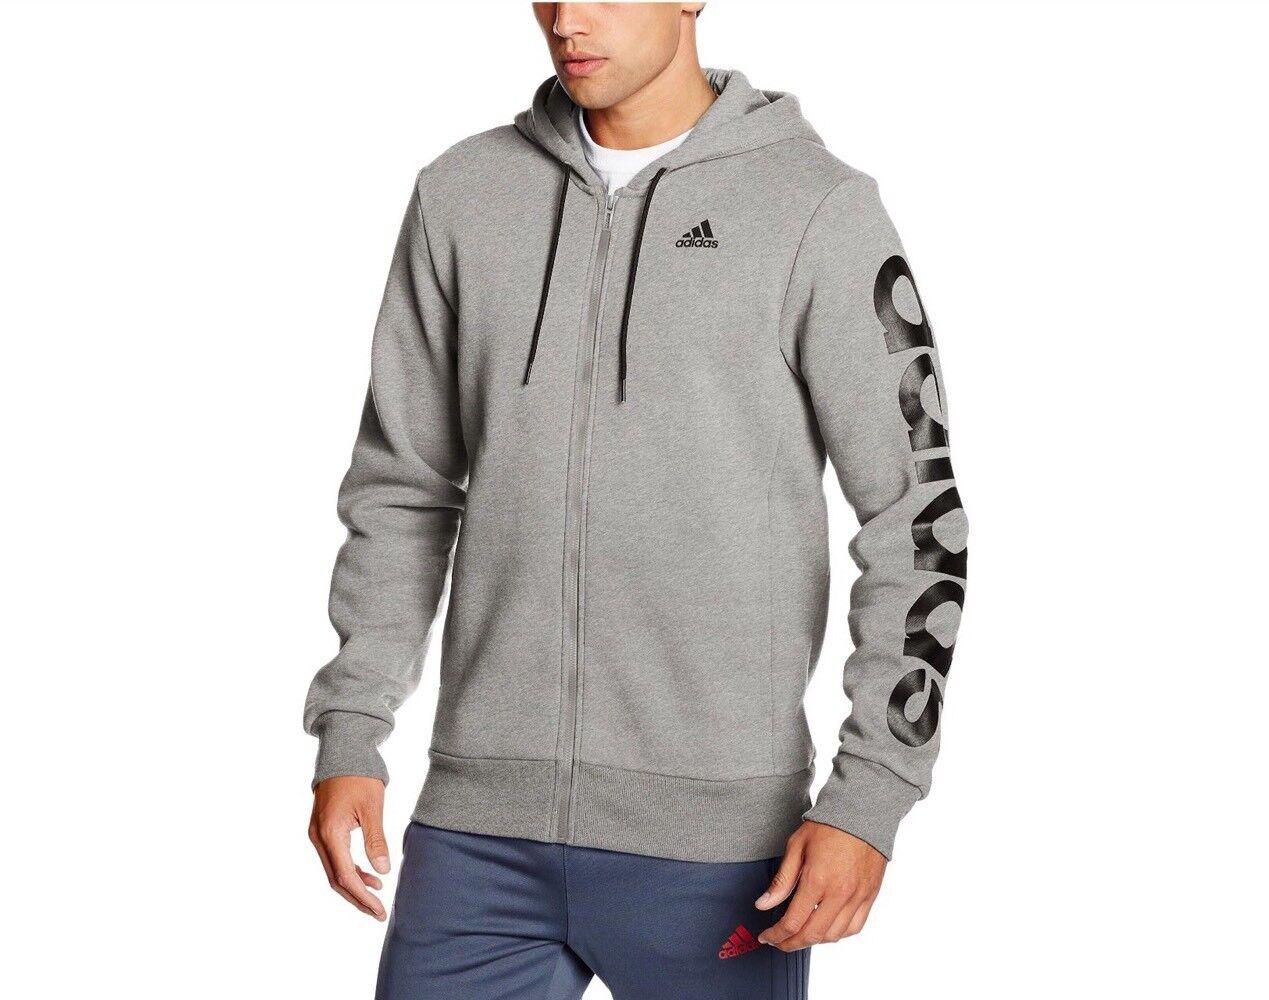 Veste à capuche complète adidas Hommes Sport Essential Linear à capuchon complet BNWT B49908